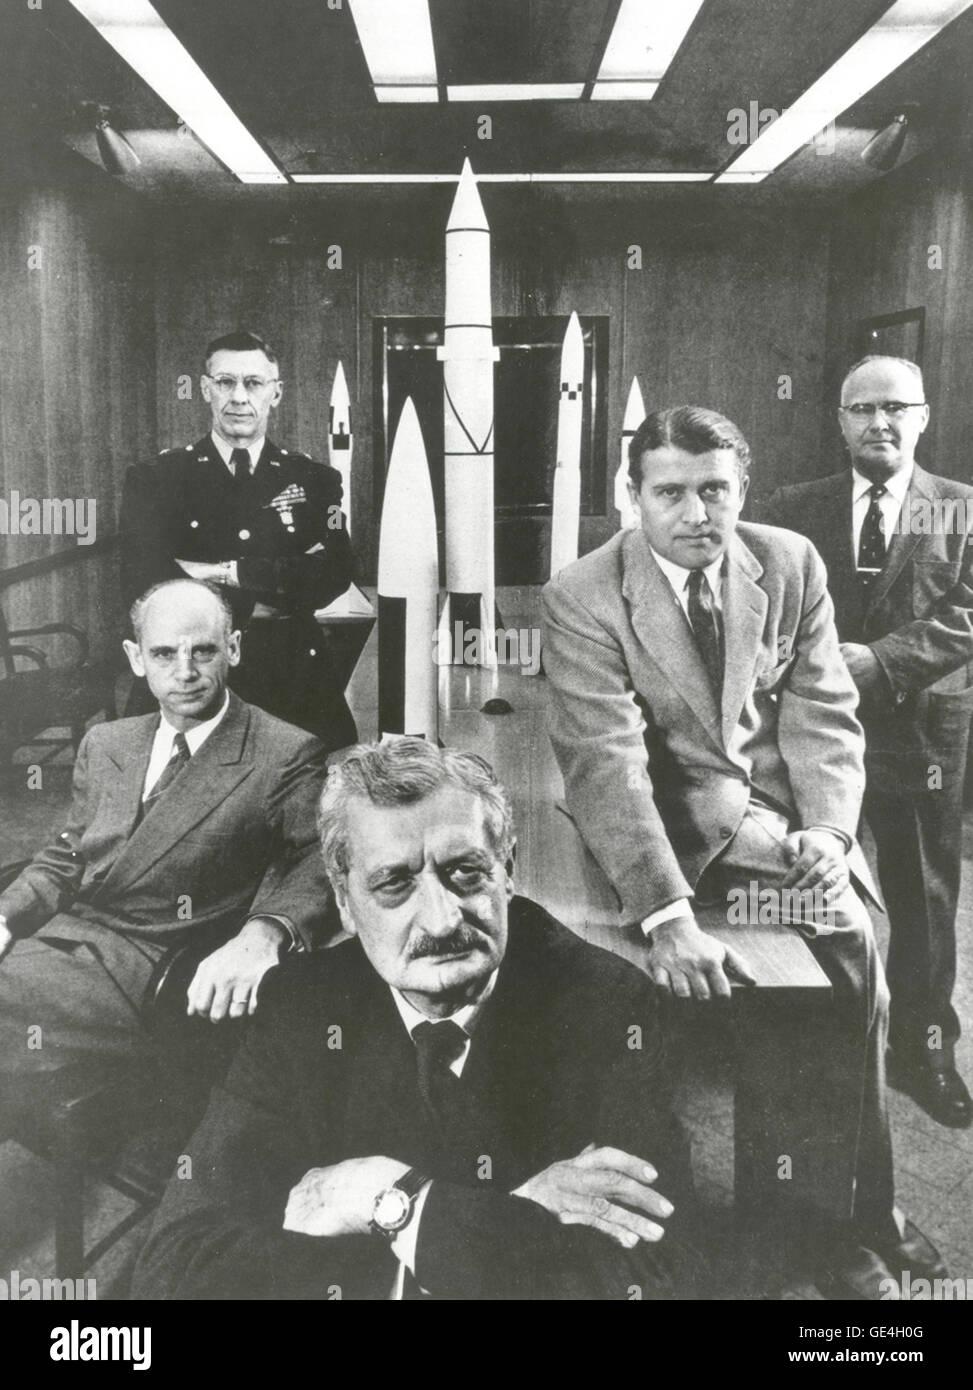 """Hermann Oberth (Vordergrund) mit Beamten der Army Ballistic Missile Agency in Huntsville, Alabama im Jahre 1956. Von links nach rechts um Oberth: (1) Dr. Ernst Stuhlinger (sitzend). (2) Generalmajor H.N Toftoy, befehlshabender Offizier und Verantwortlicher für """"Projekt Paperclip"""", die Wissenschaftler und Ingenieure aus Deutschland nach dem zweiten Weltkrieg nahm, Raketen für das amerikanische Militär zu entwerfen. Viele der Wissenschaftler hilft später, um die Saturn V-Rakete zu entwerfen, die die Apollo 11 Astronauten zum Mond nahmen. (3) Dr. Robert Lusser, ein Projekt Paperclip-Ingenieur, der im Jahr 1959 nach Deutschland zurückgekehrt. (Hinweis: Stockfoto"""